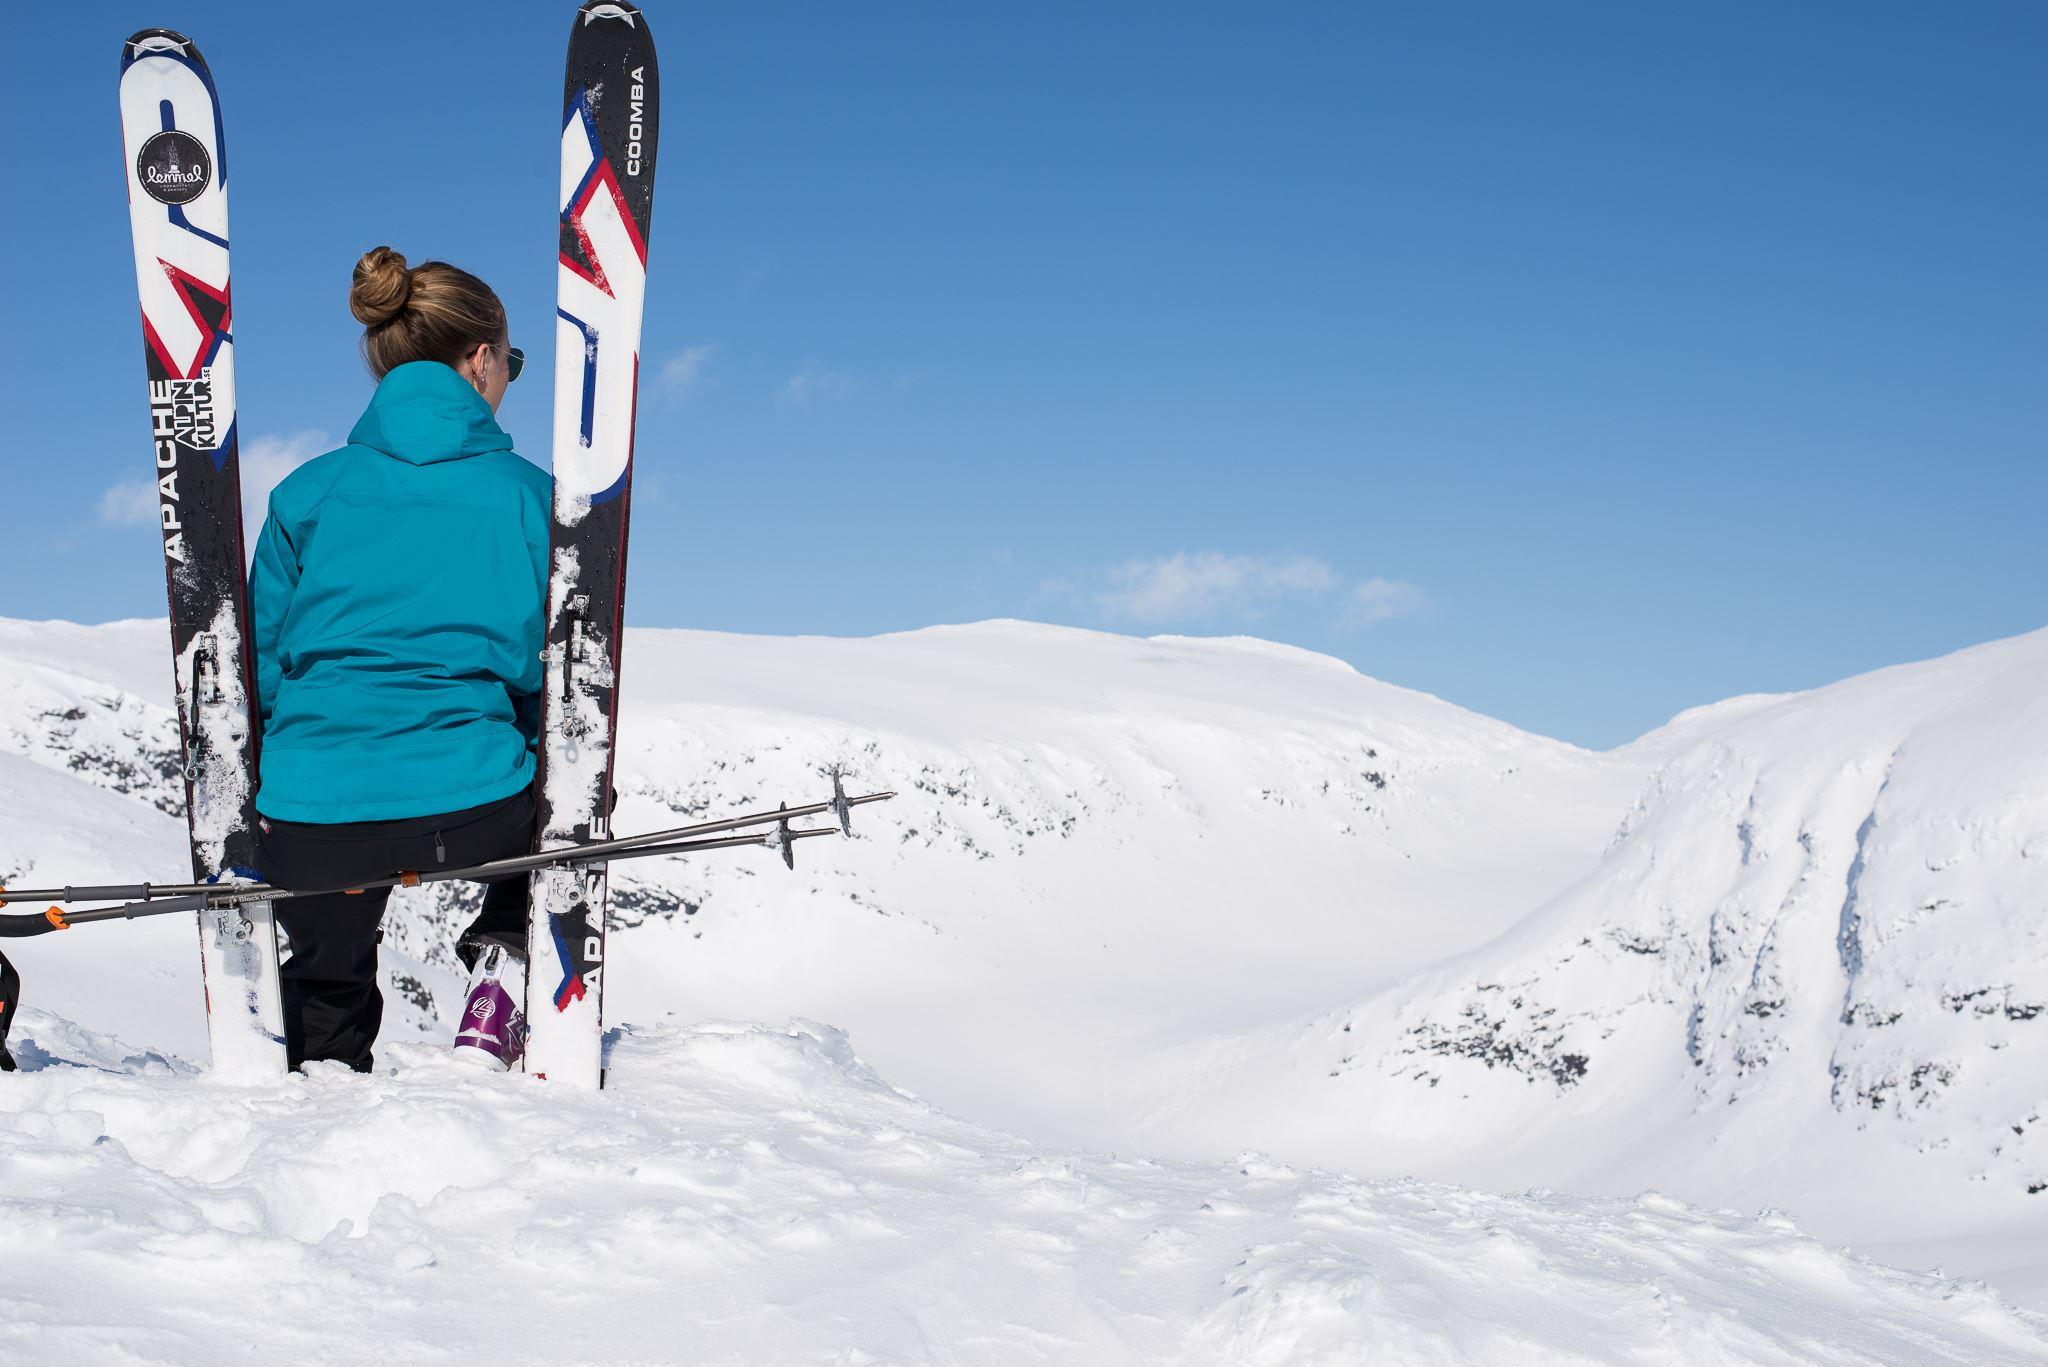 Solkatten ski rental